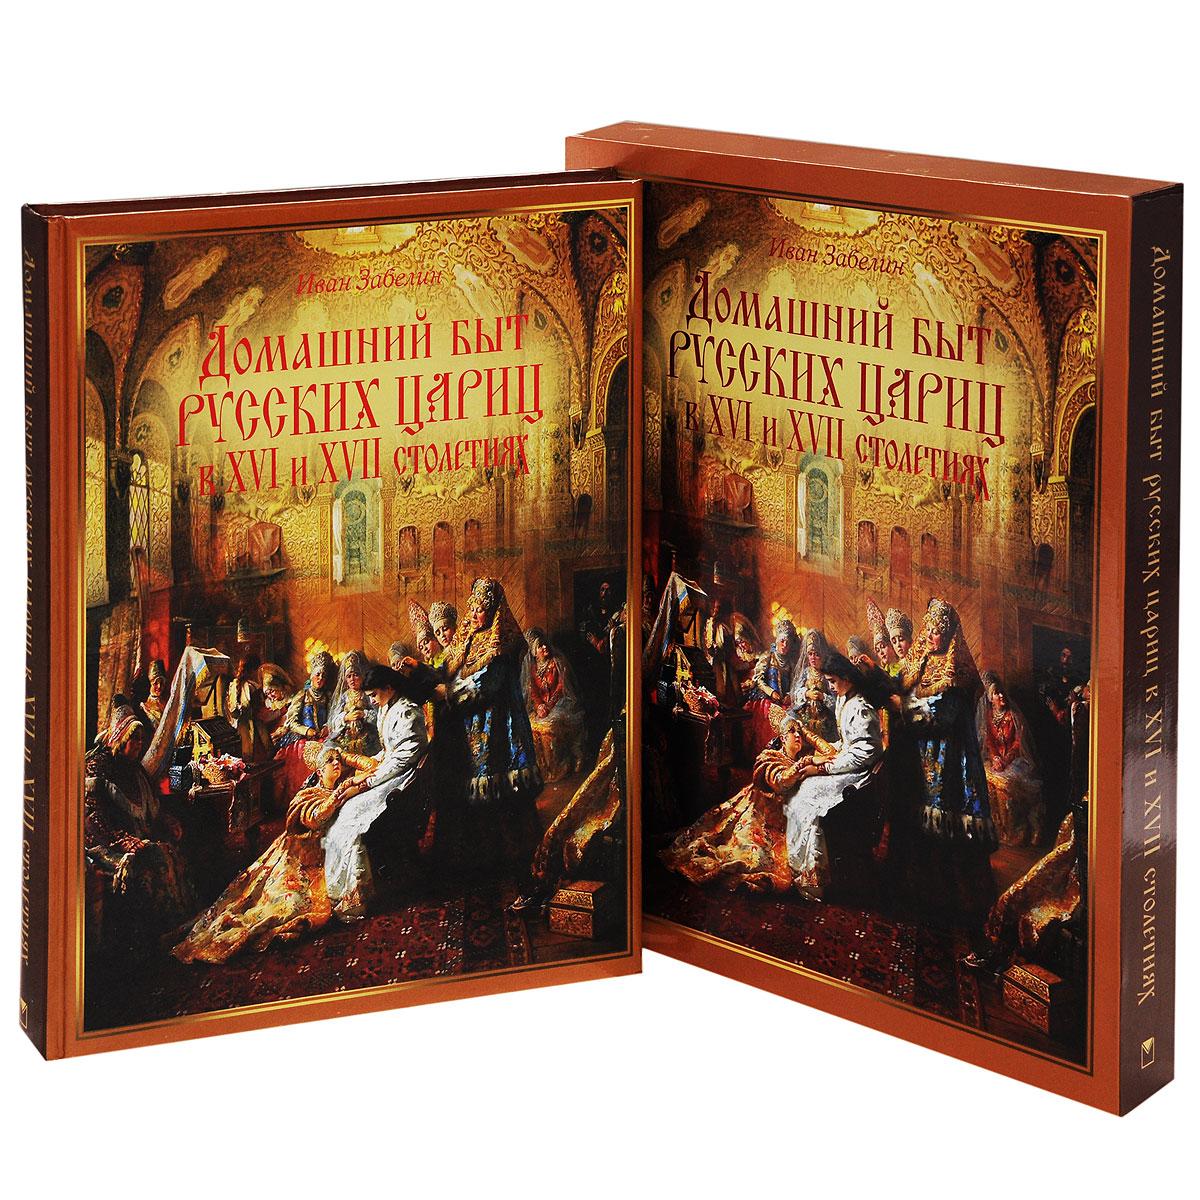 Иван Забелин Домашний быт русских цариц в XVI-XVII столетиях